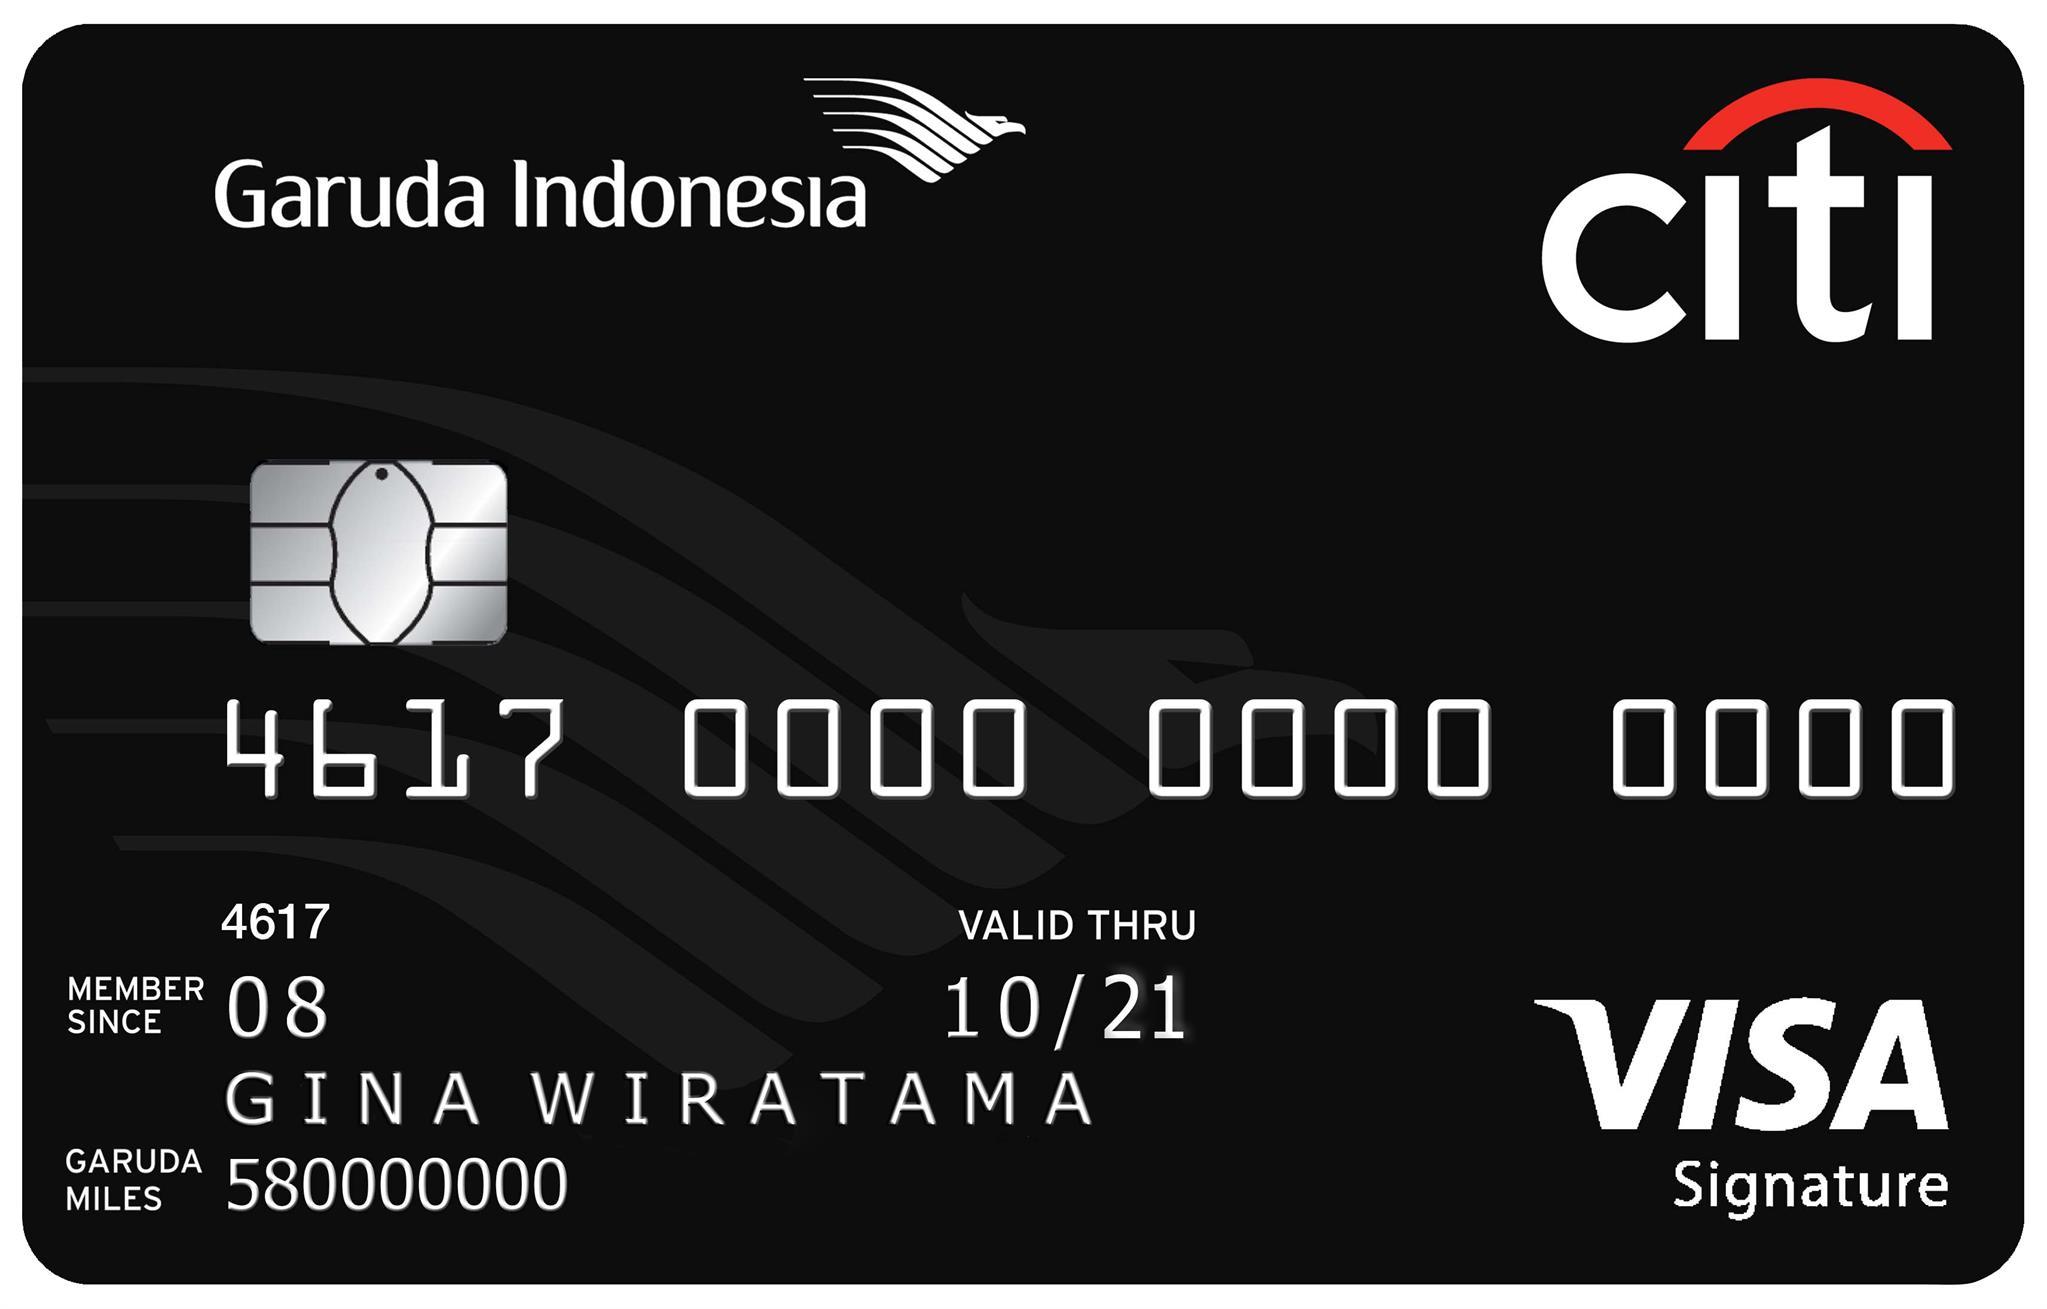 Citi - Garuda Indonesia Citi Card